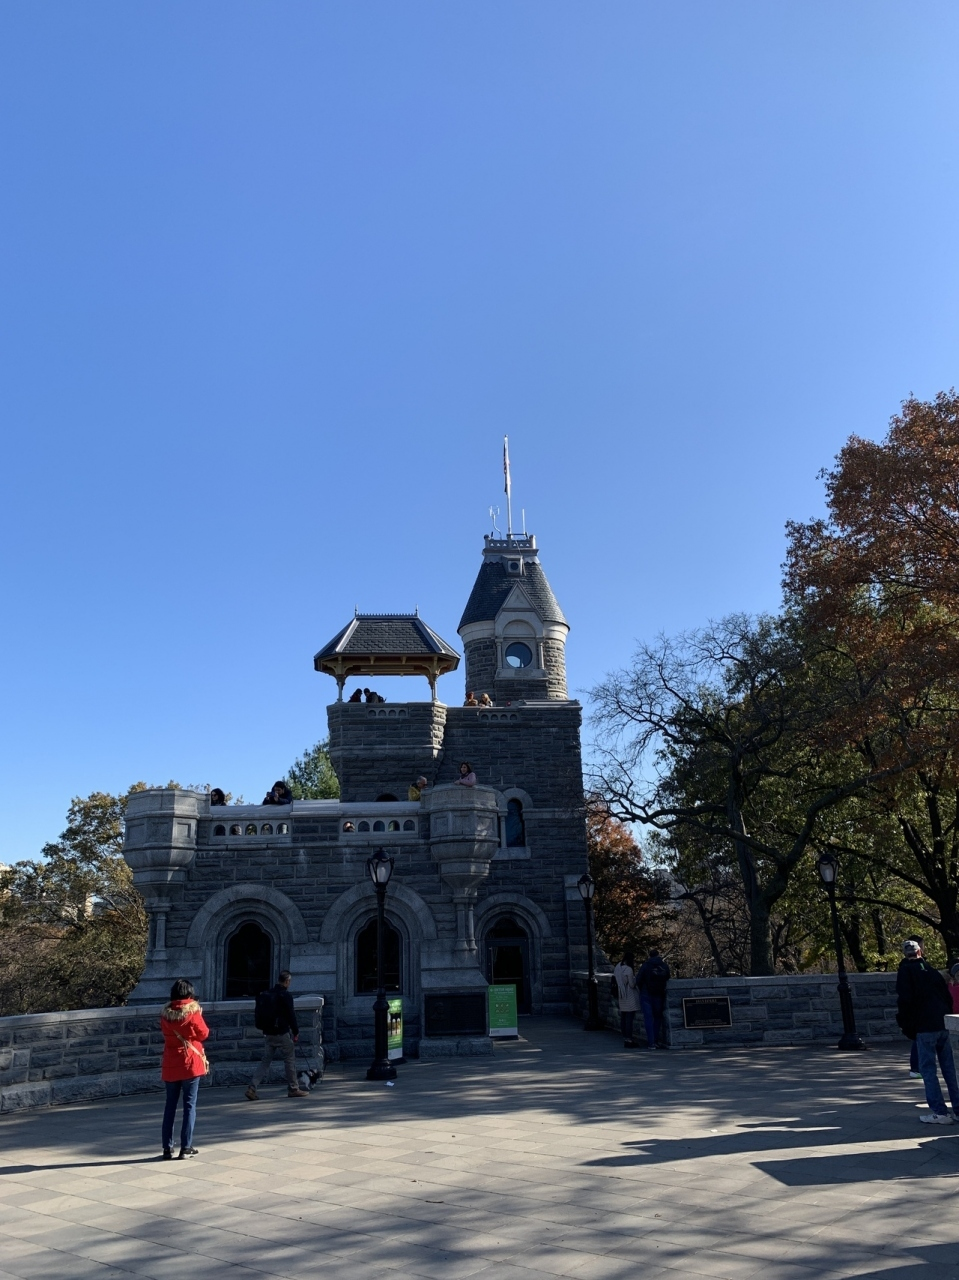 今回のマンハッタンでの高いところシリーズ第一弾は、ベルヴェデーレ城です。唯一タダで上れます。